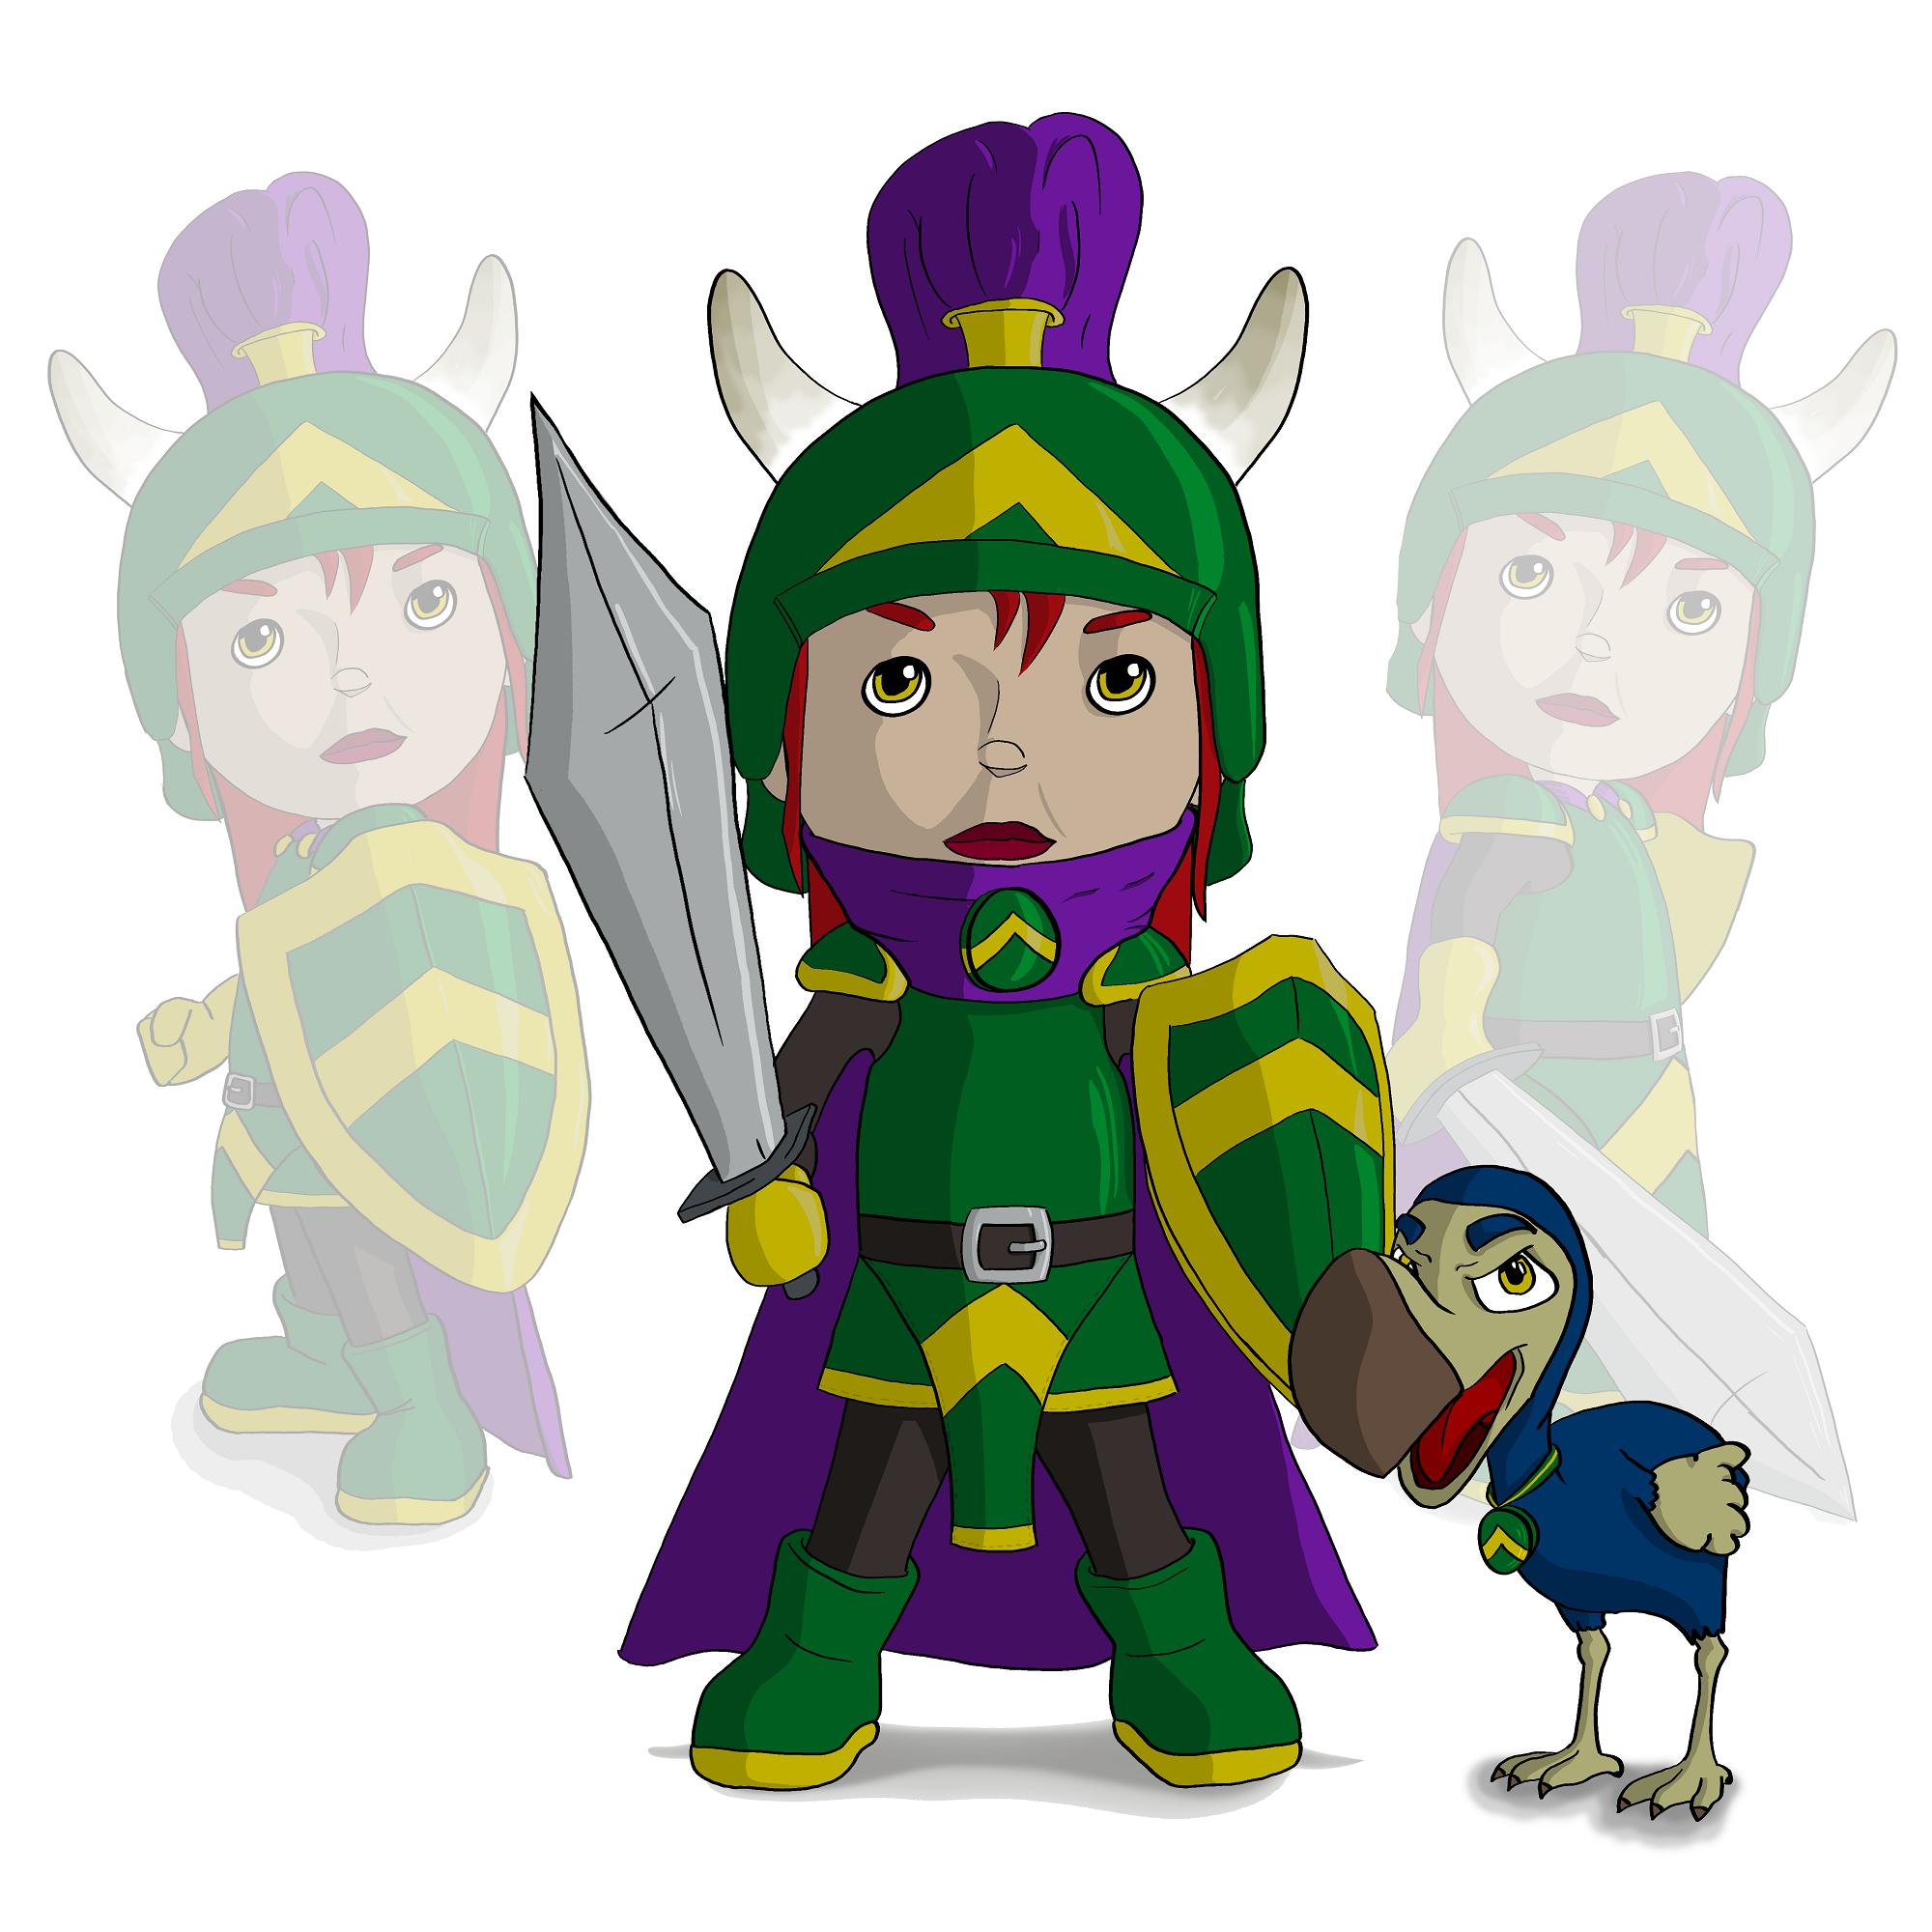 Knight and Dodo